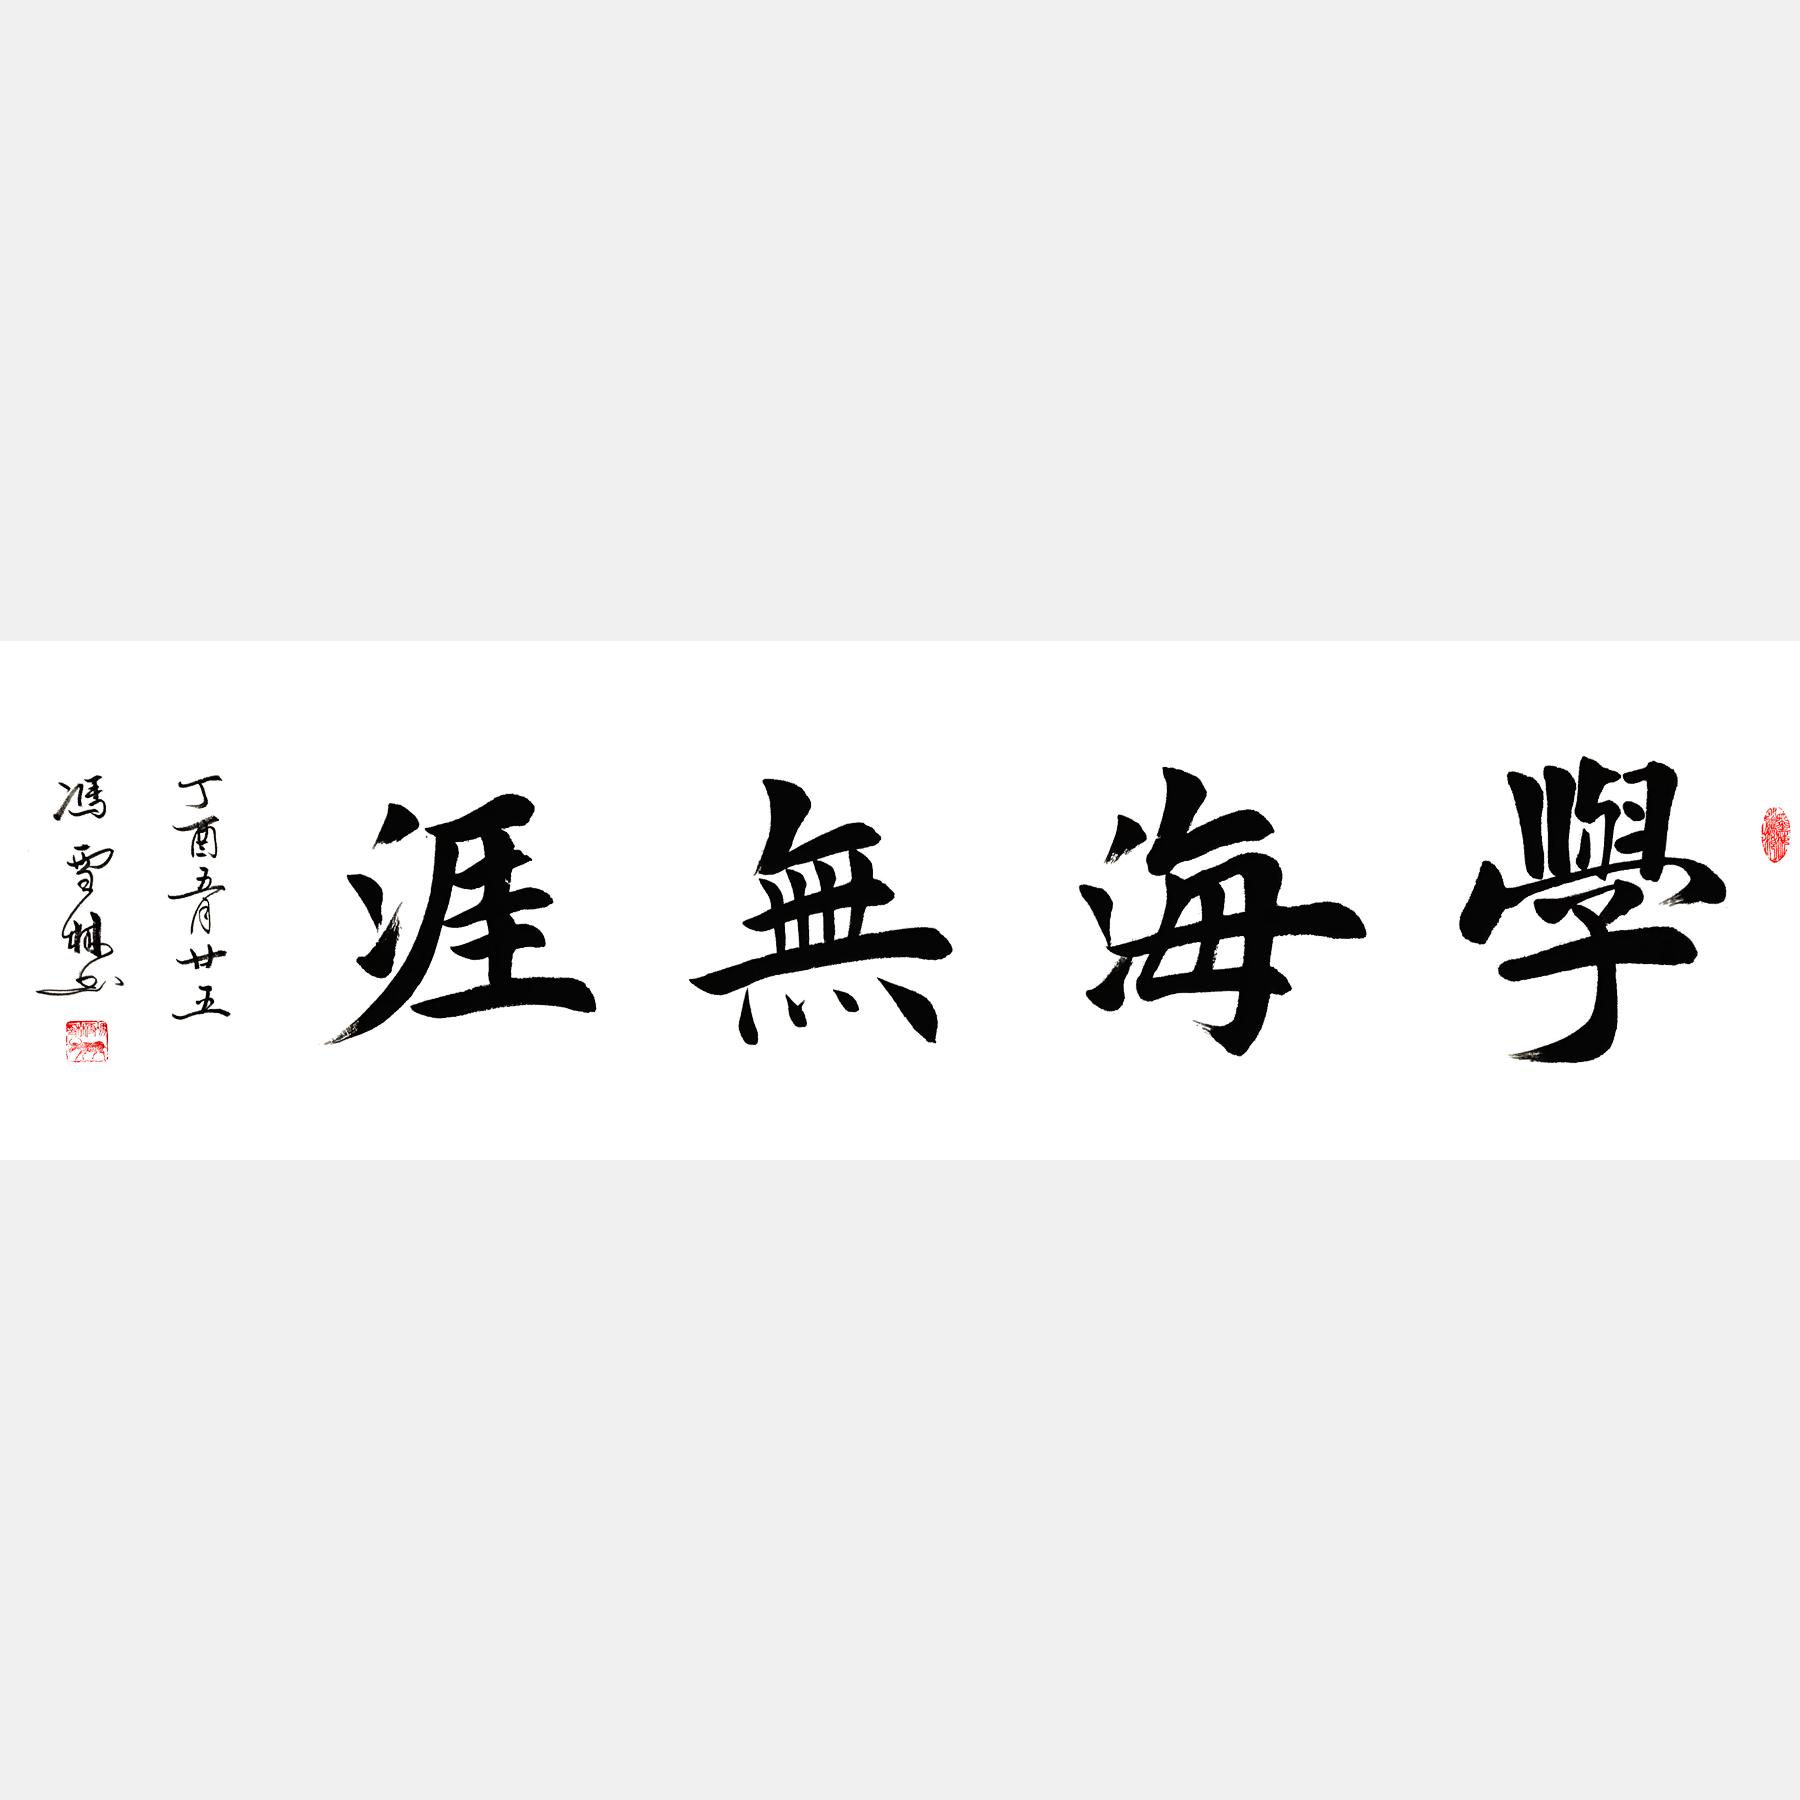 学海无涯 楷书 四尺横幅 韩愈名言